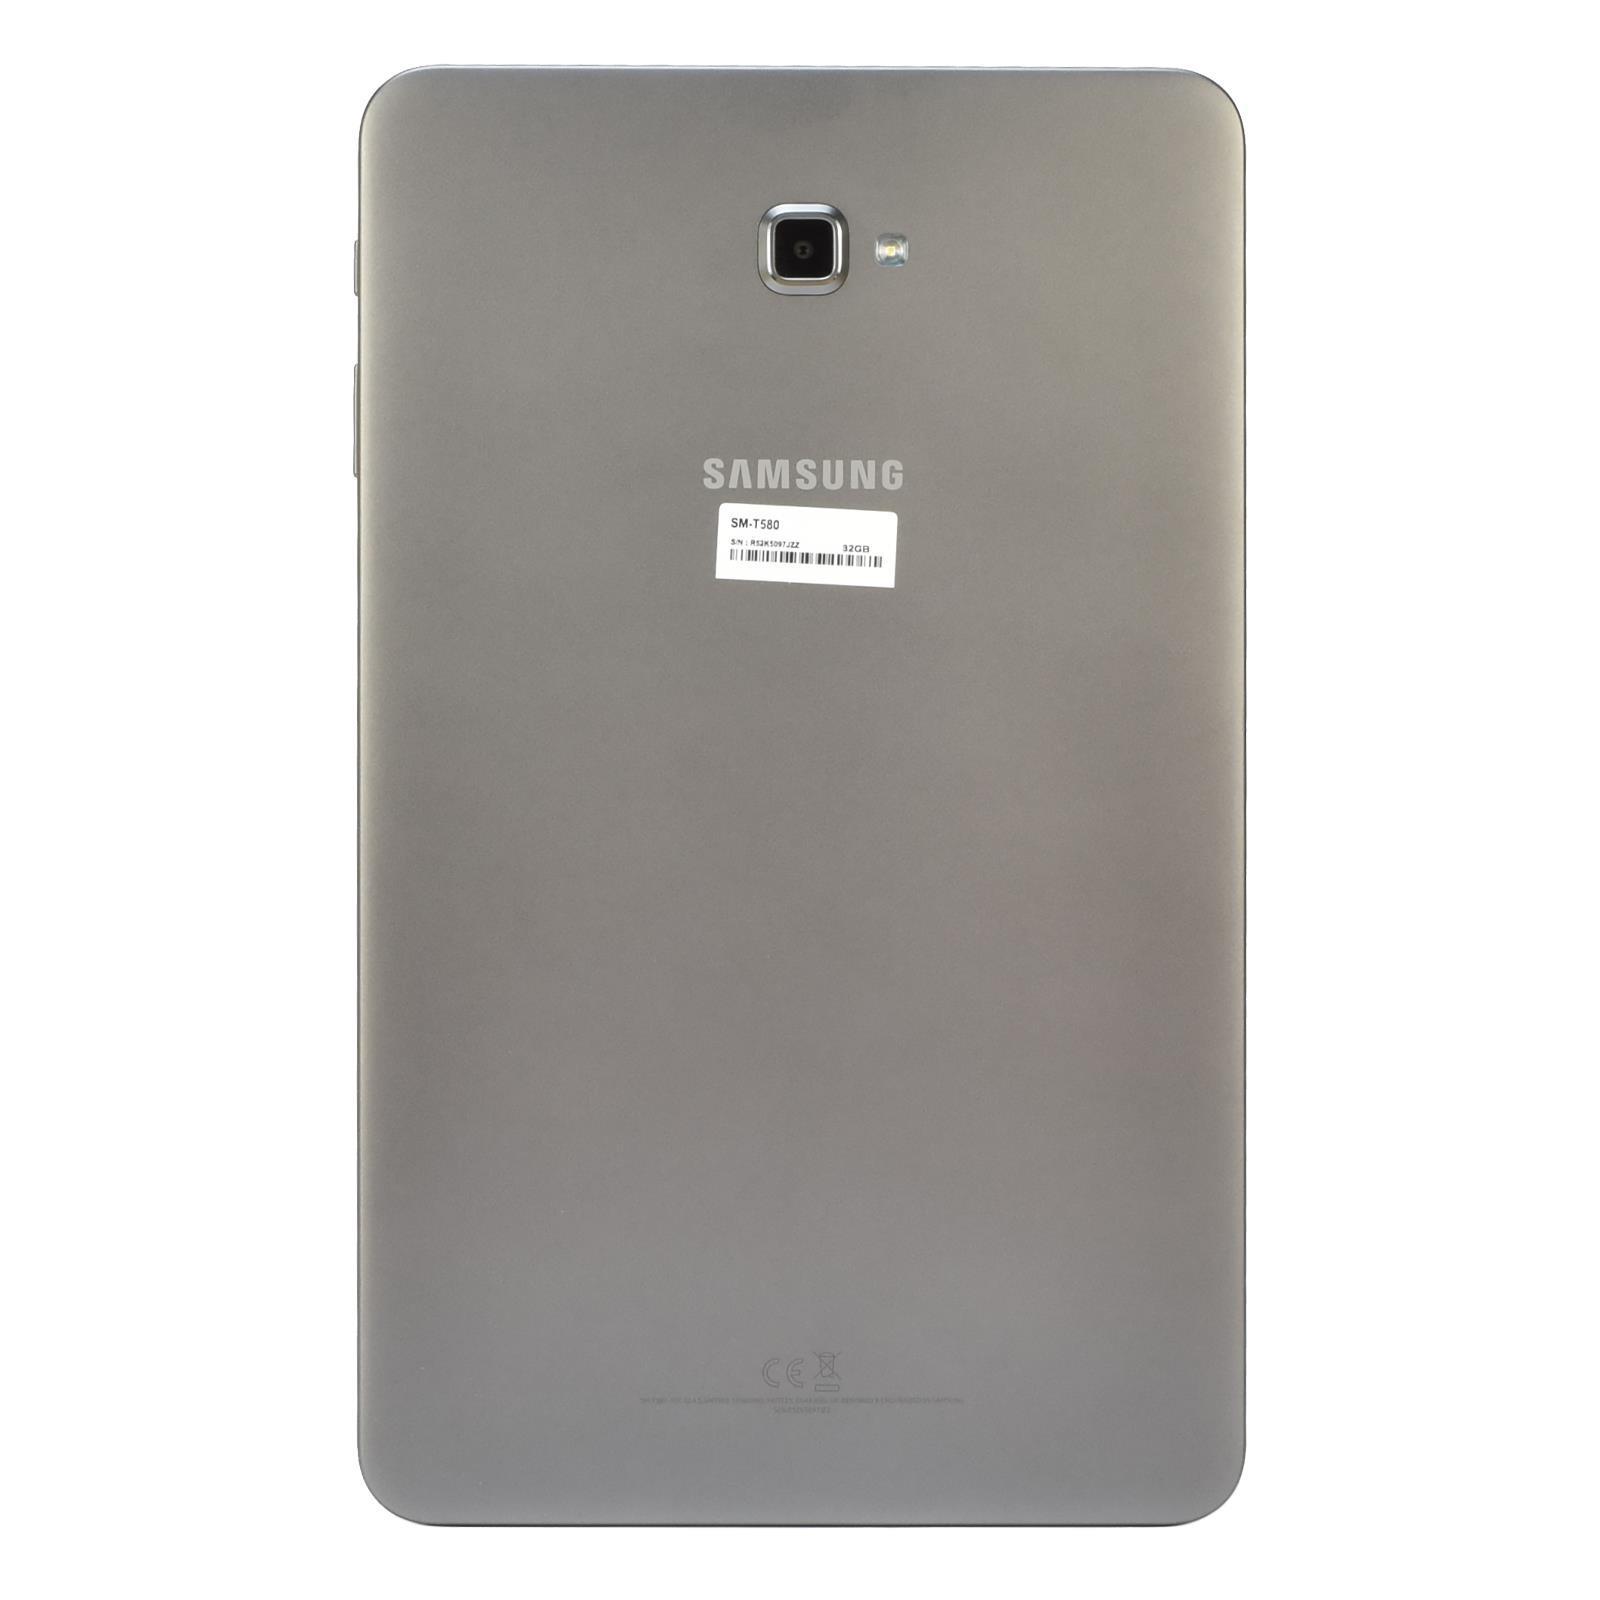 Samsung-Galaxy-Tab-A-10-1-T580-WiFi-2016-32GB-16GB-Tablet-in-All-Colours miniatura 7